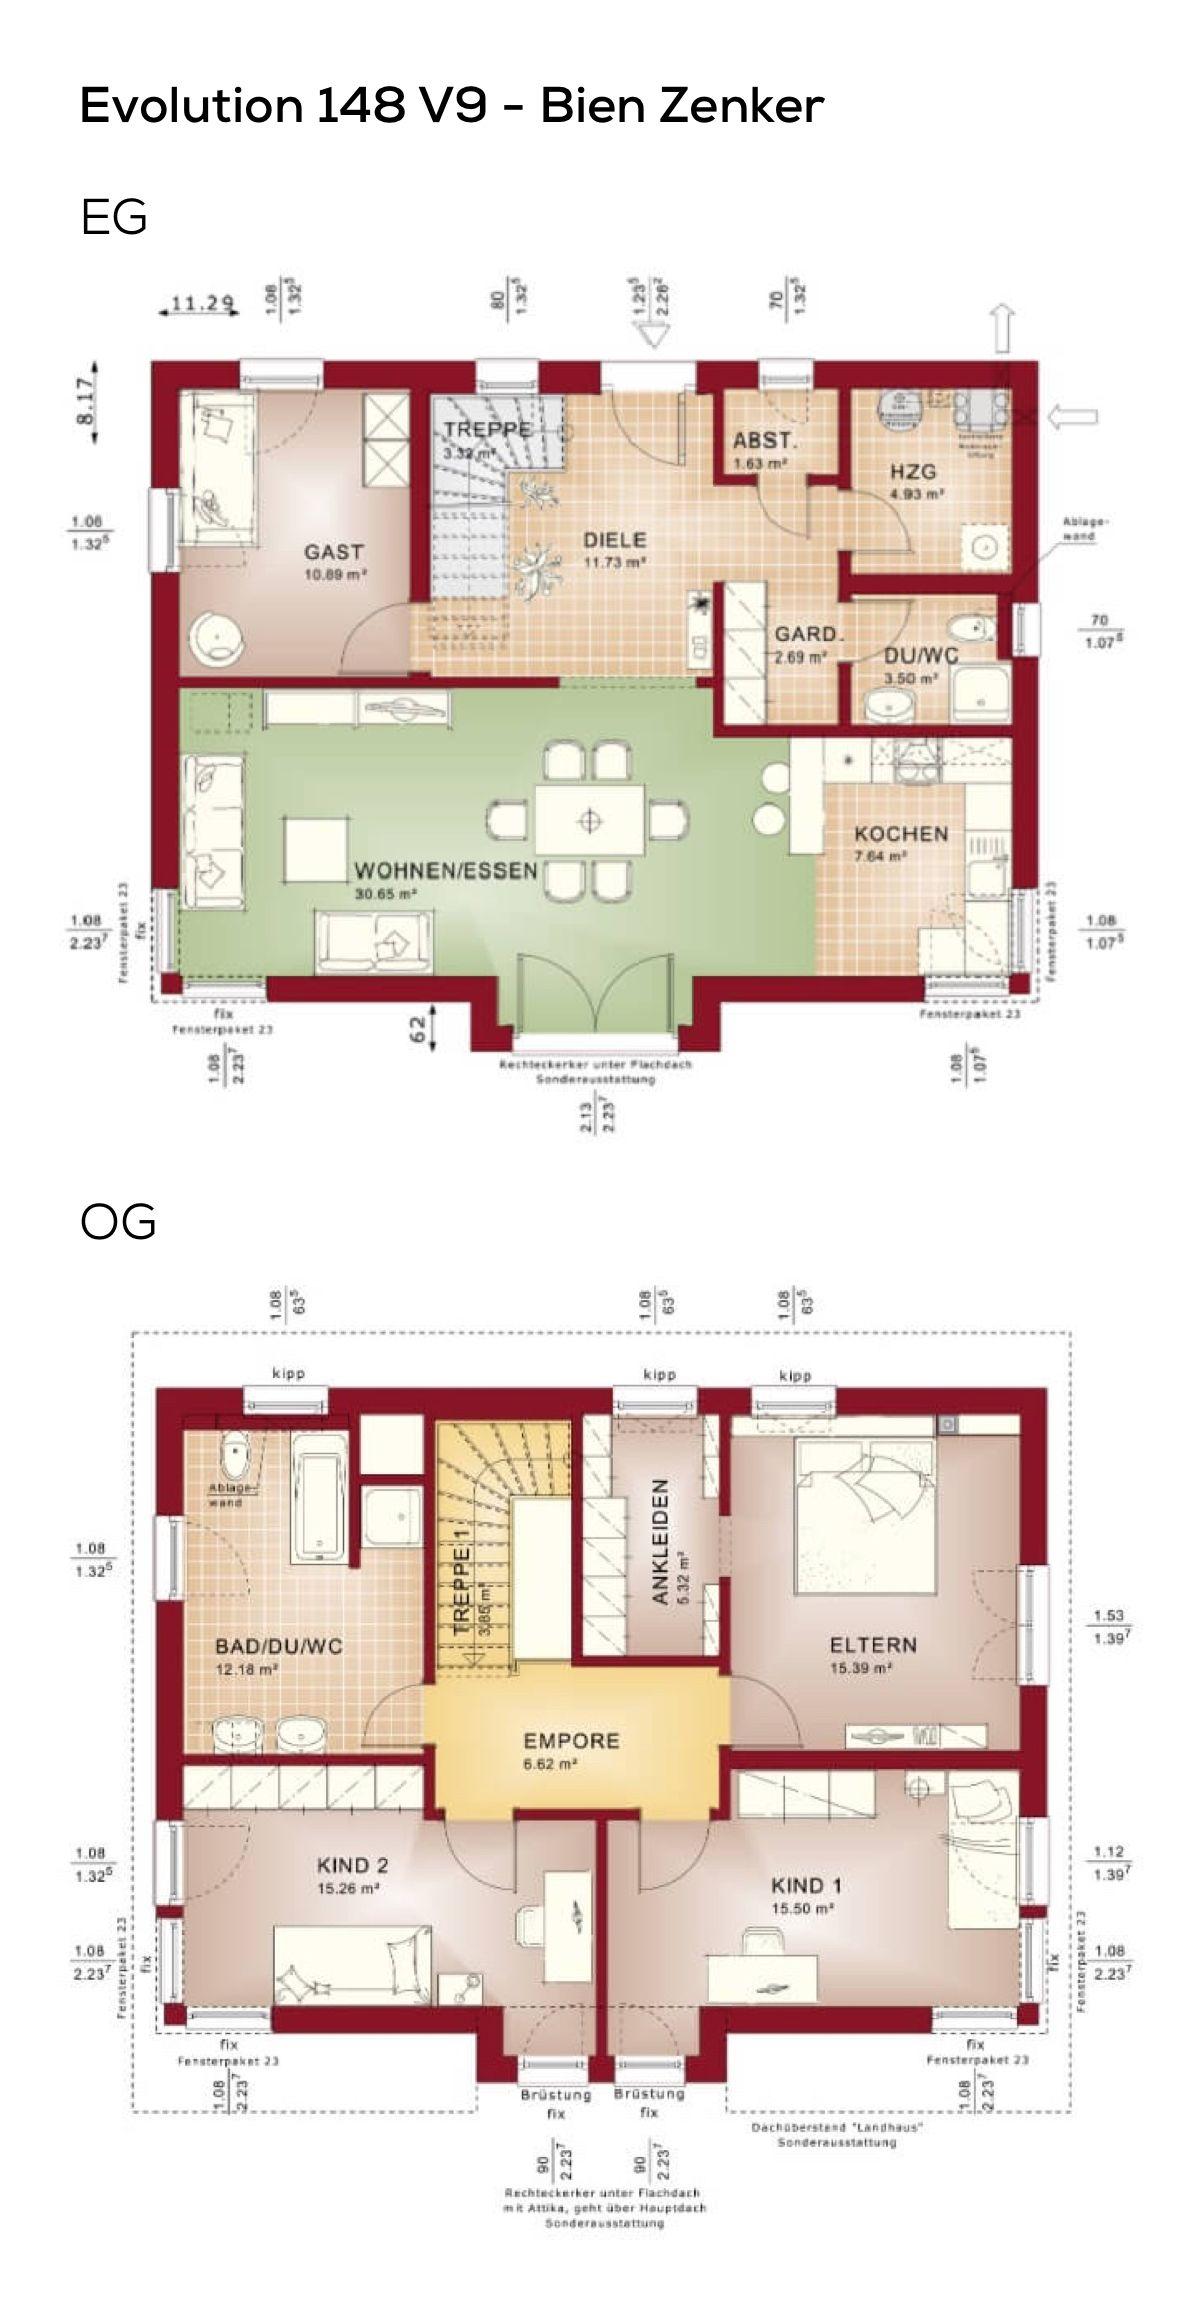 grundriss einfamilienhaus mit pultdach architektur 5 zimmer 150 qm wfl ohne keller erdgeschoss kche offen als wohnkche obergeschoss treppe mit